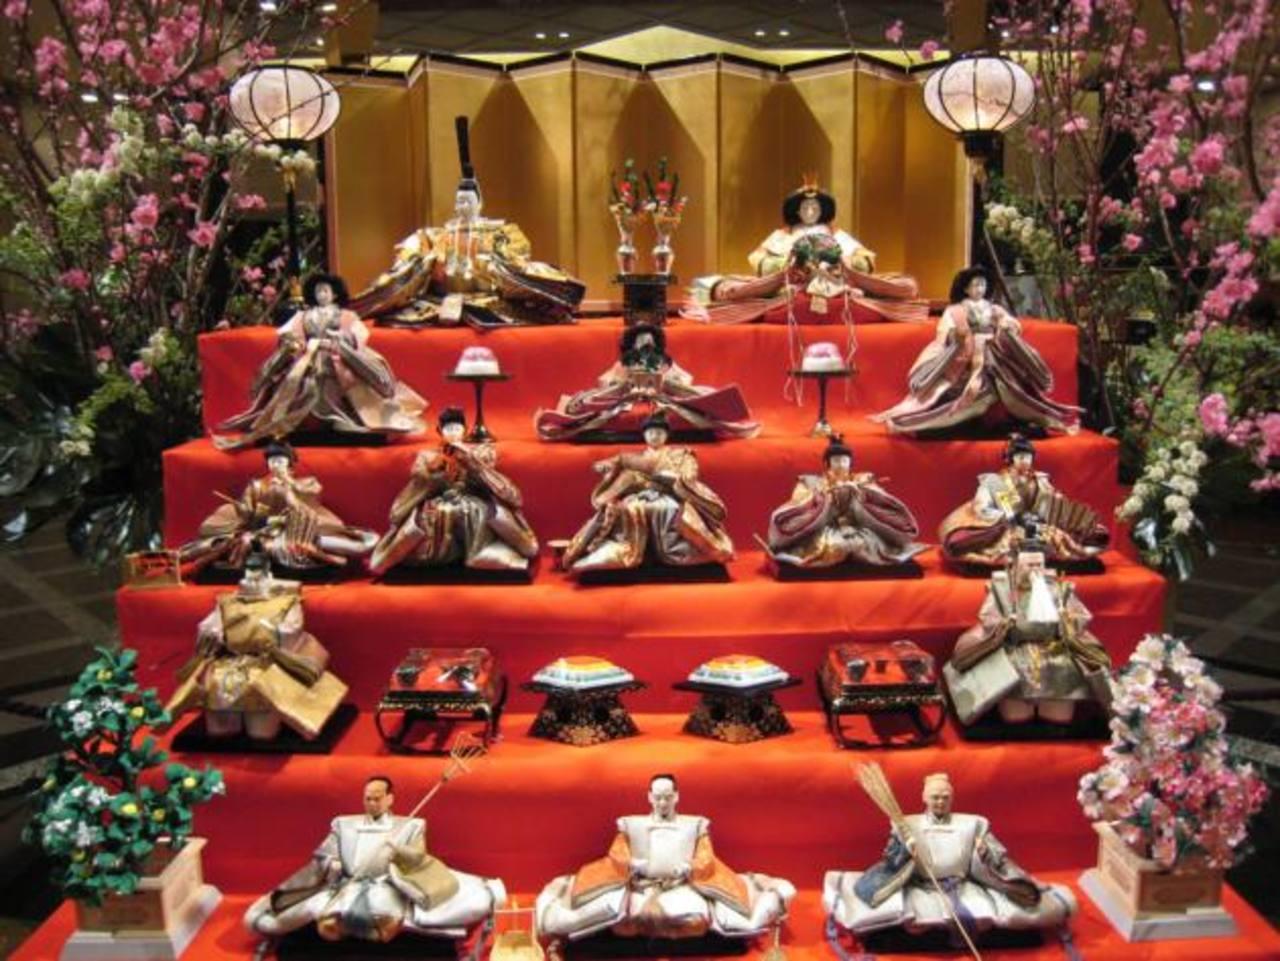 Las muñecas del Hinamatsuri se colocan en un orden específico, según el valor jerárquico y espiritual que cada personaje representa para la cultura japonesa. El arte floral japonés es mejor conocido como Ikebana. Las muñecas y sus ornamentos de la ép